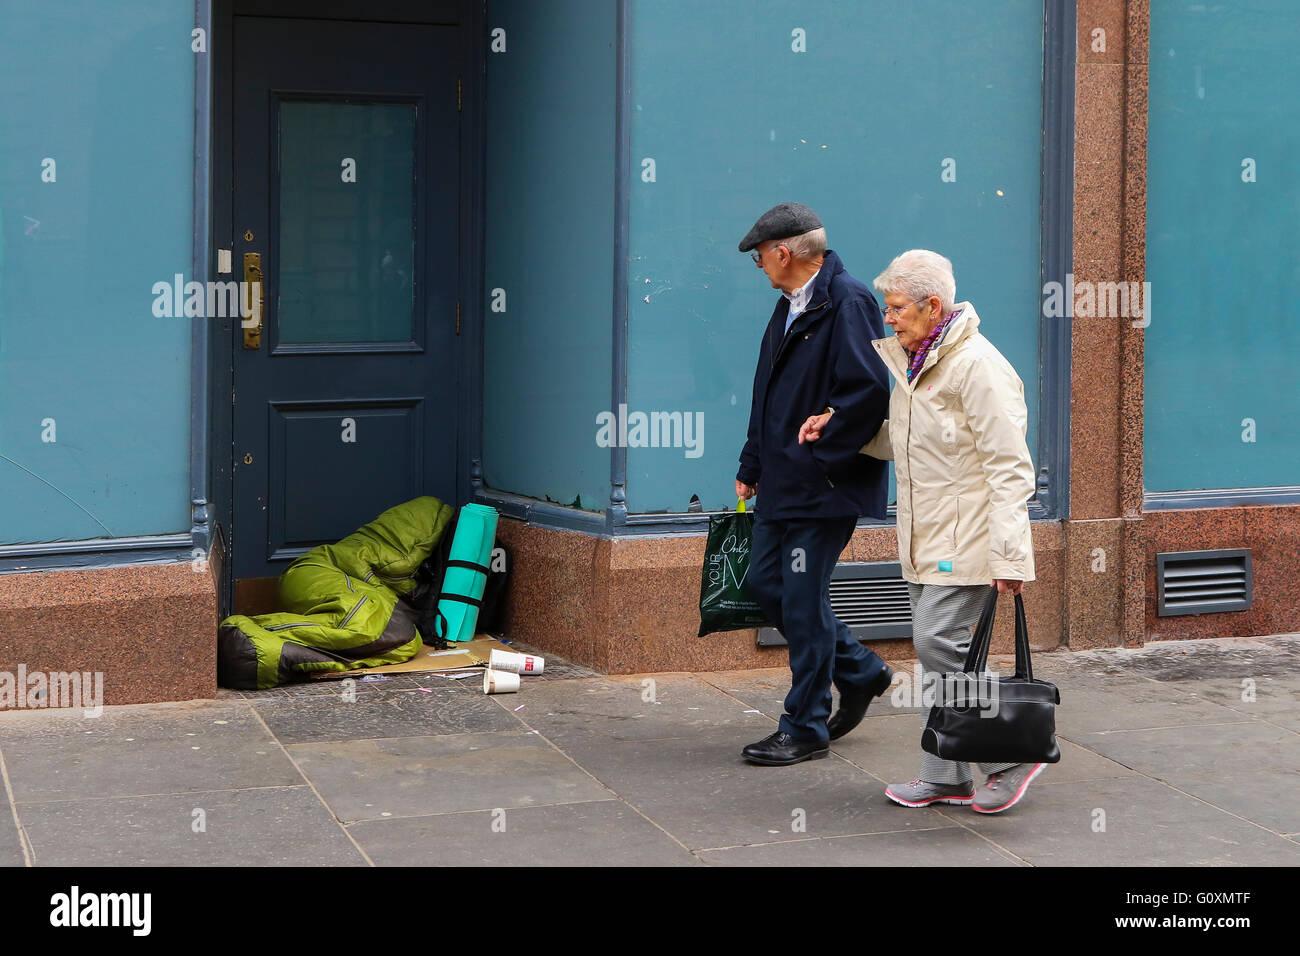 L'homme et de la femme en passant devant quelqu'un sans-abri dans un magasin porte, Glasgow, ville, Ecosse, Photo Stock